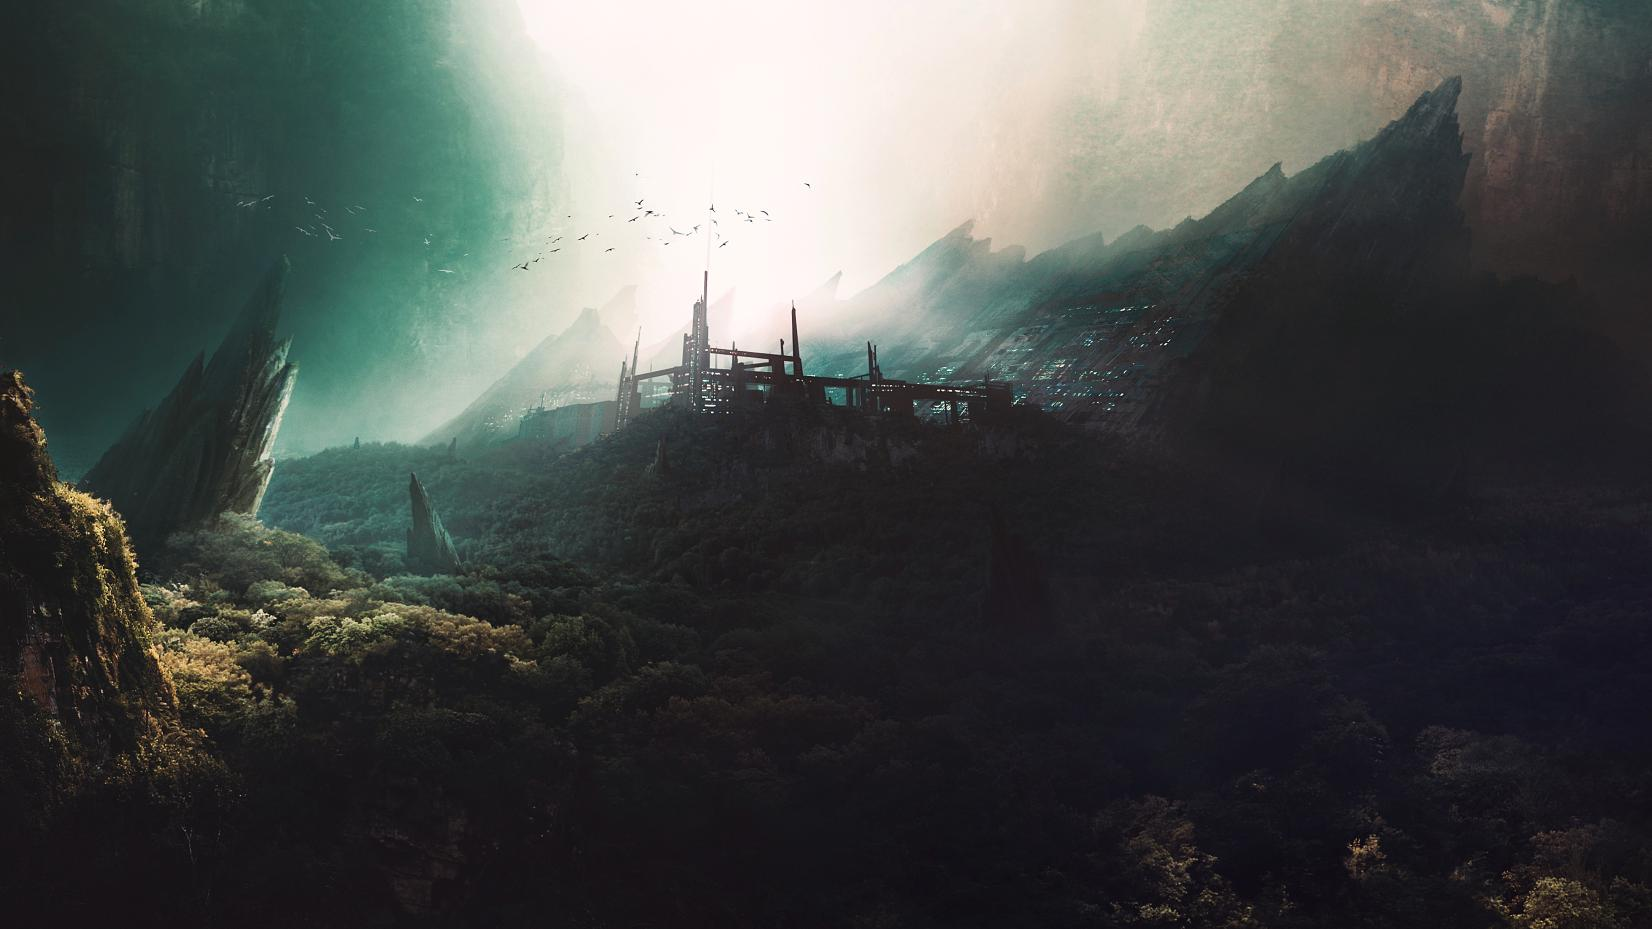 Illustratie van het geheime lab in de canyon, digitaal schilderen. © Image Credit: Zishan Liu | Licentie van DreamsTime.com (Redactionele/commerciële gebruiksfoto, ID:185429361) © Zishan Liu